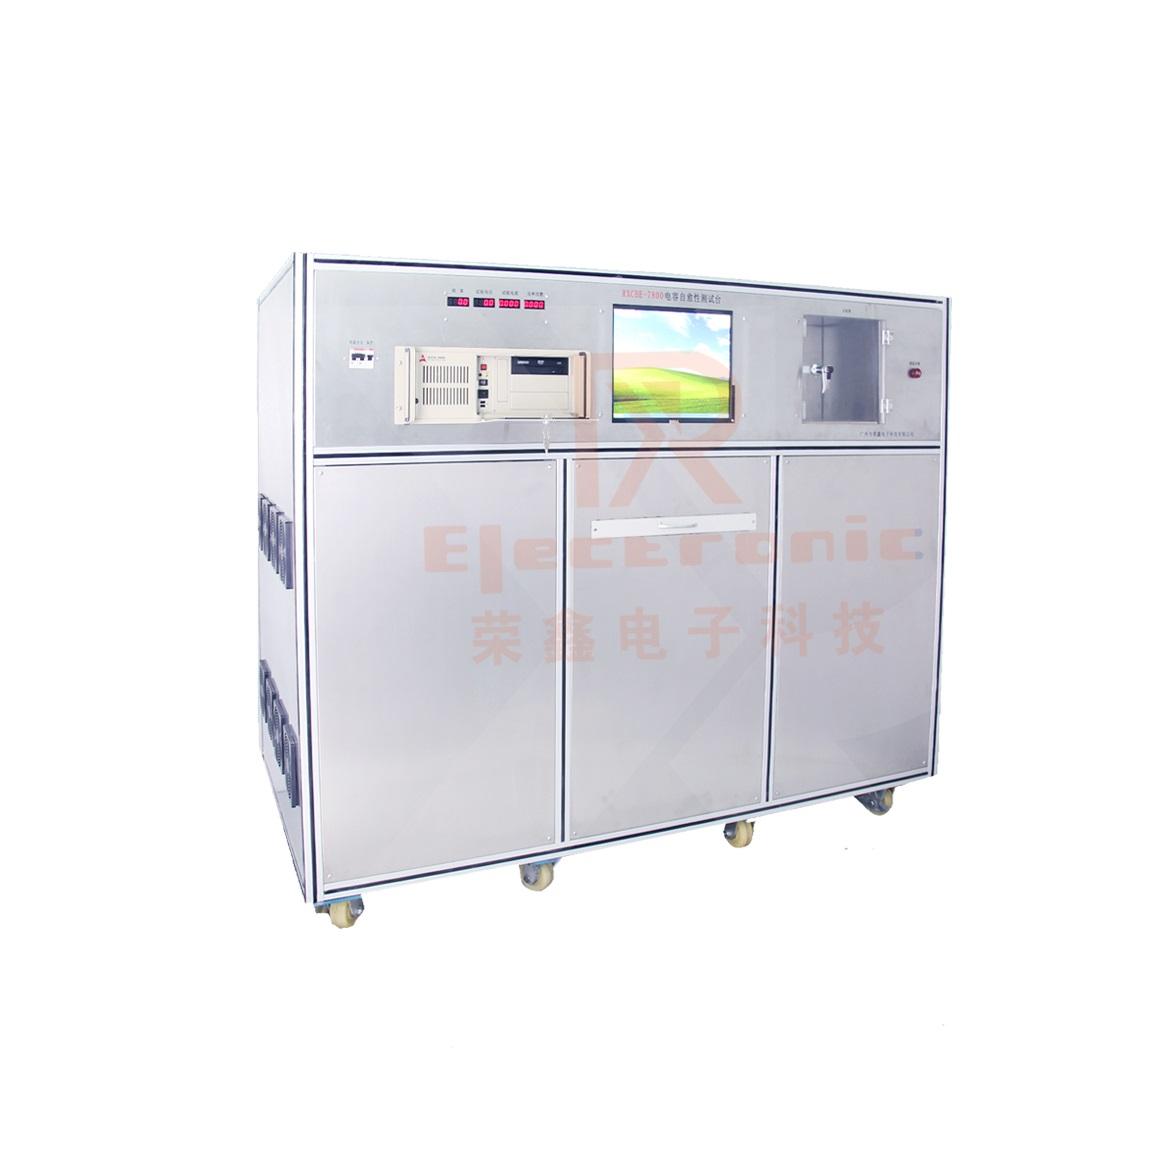 RXCBE7800直流电容器自愈性试验装置广州哪家购买便宜-广州荣鑫